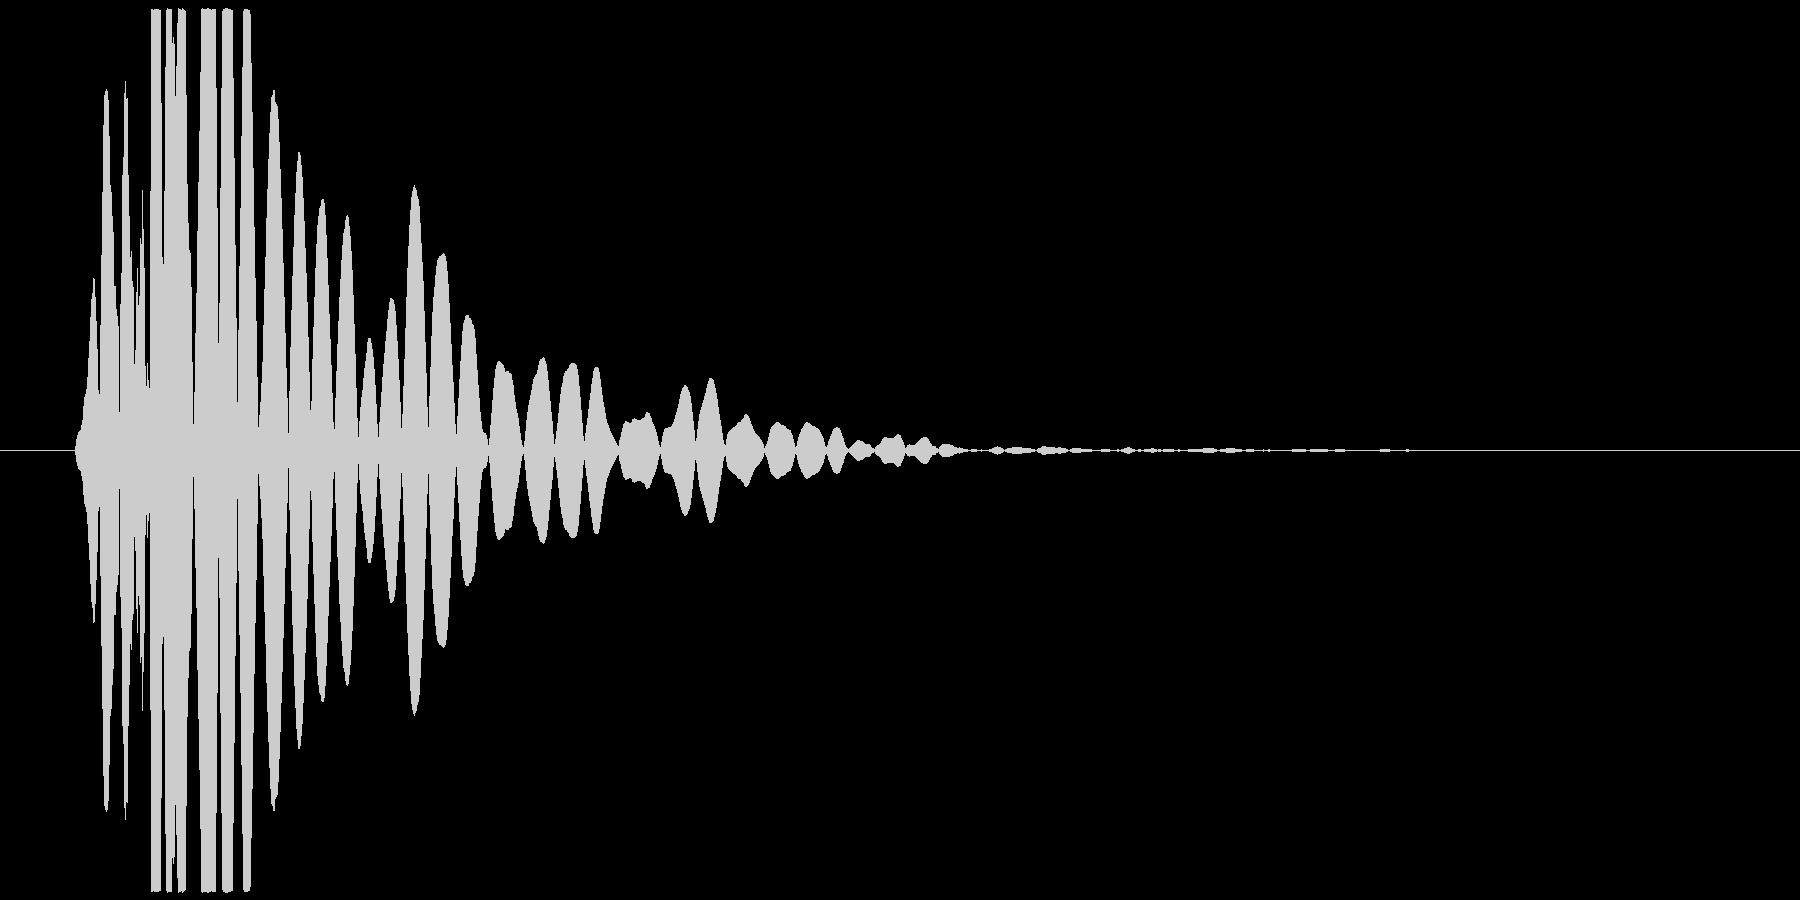 ドンッ、バタッ(倒れる、足音、低音)の未再生の波形